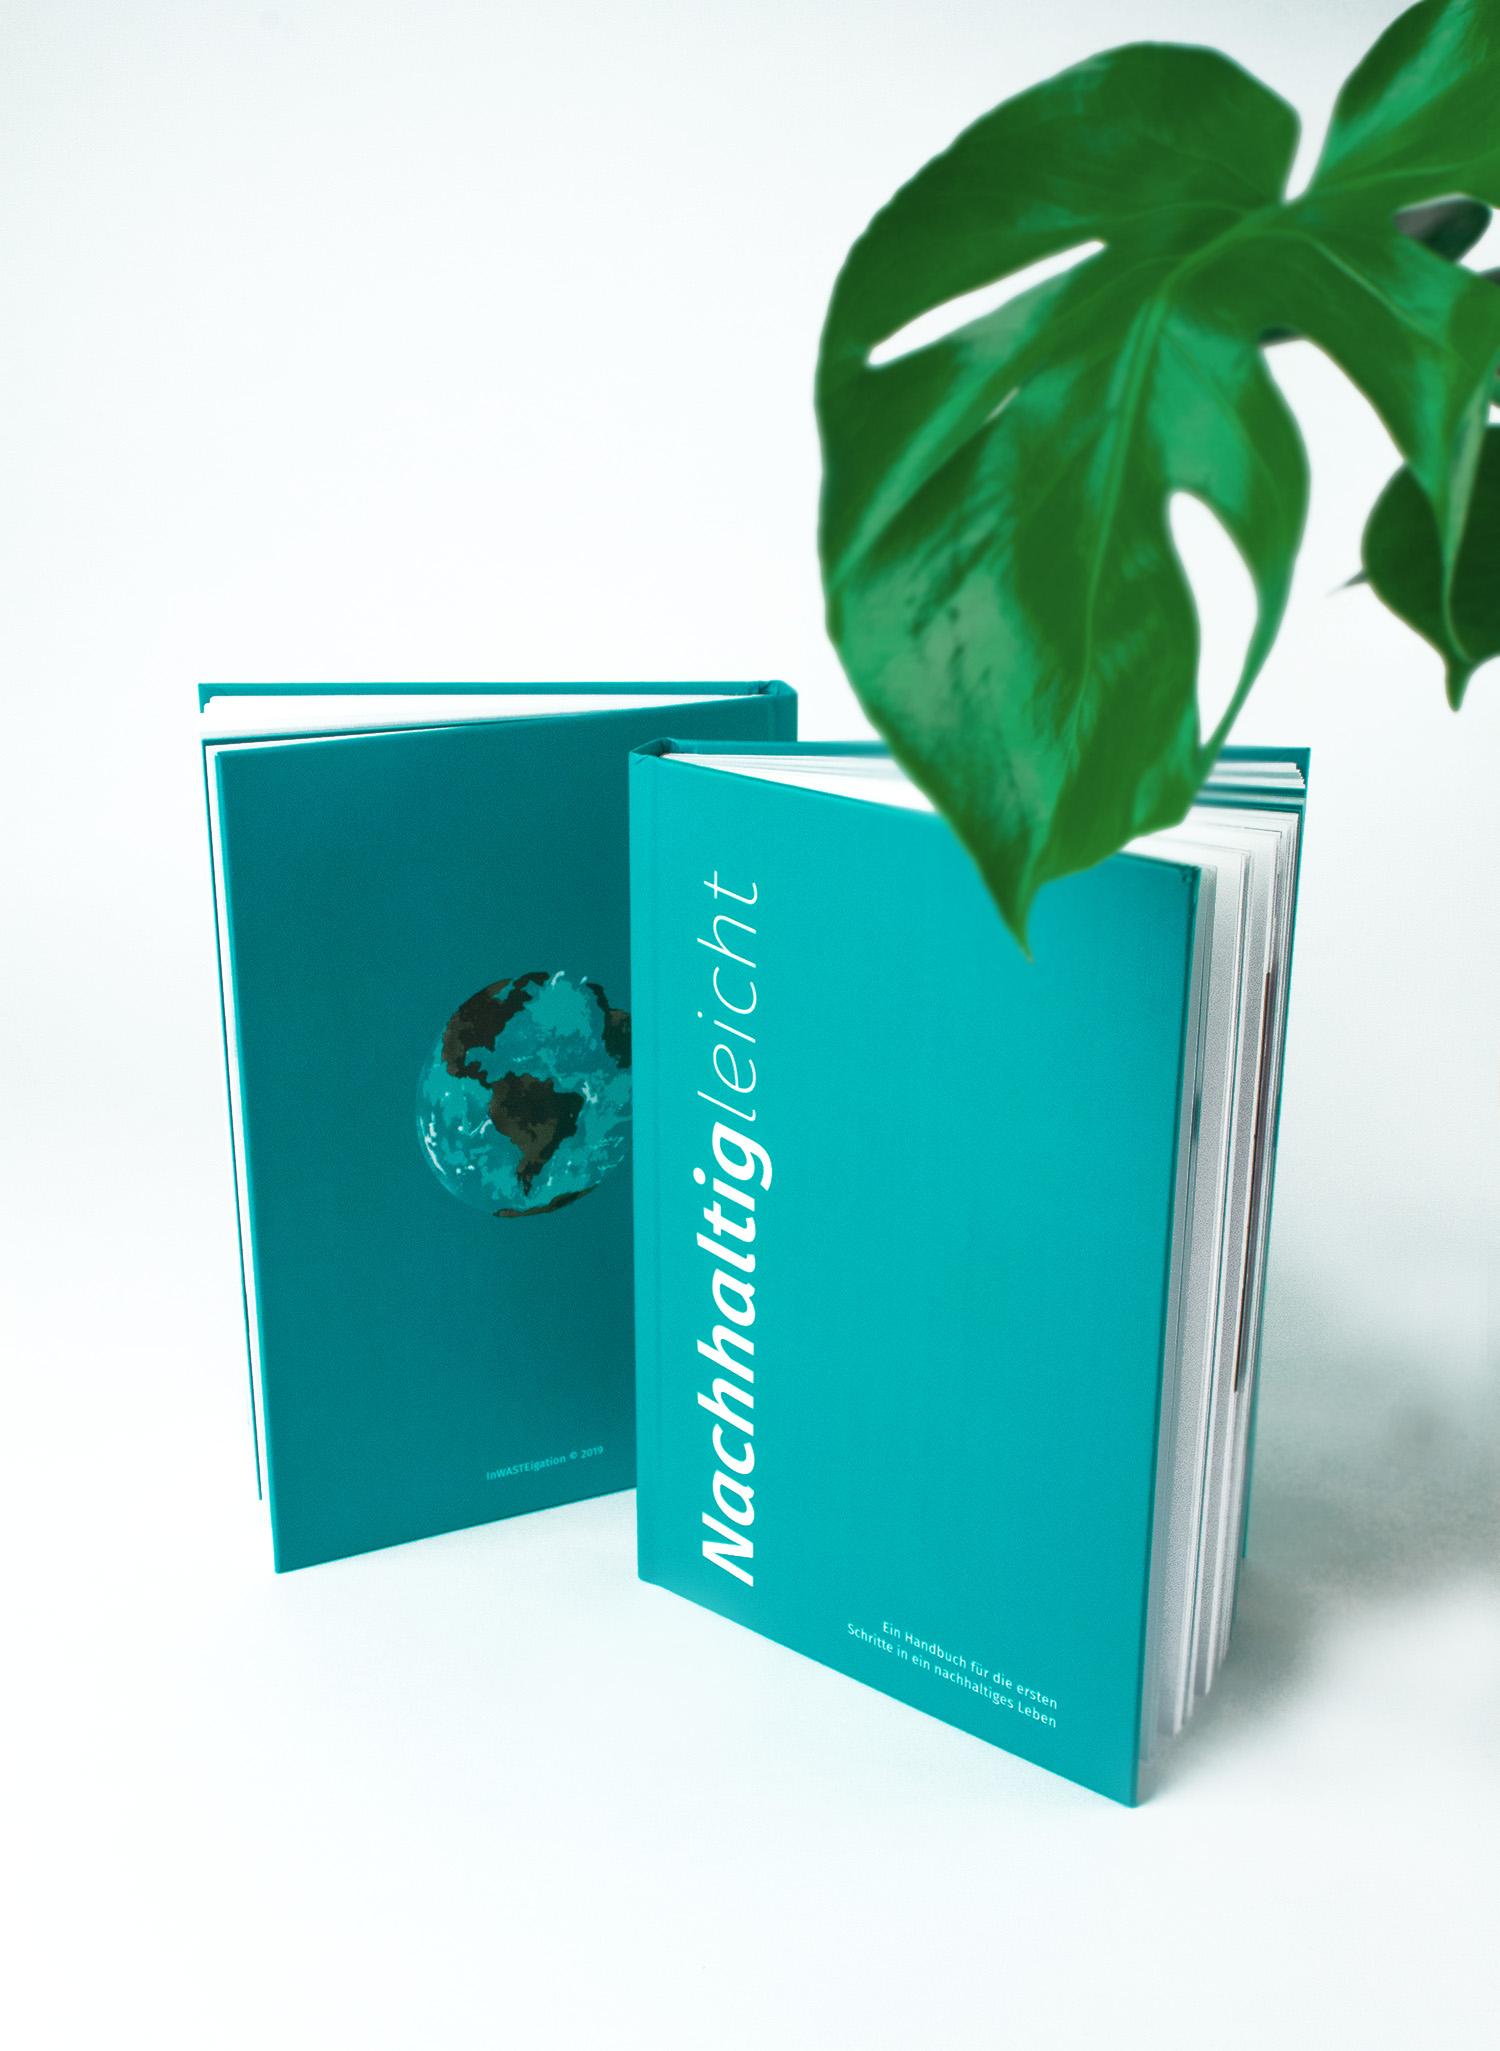 Nachhaltig-leicht_Bücher-unter-Monstera_Justinvanwickeren